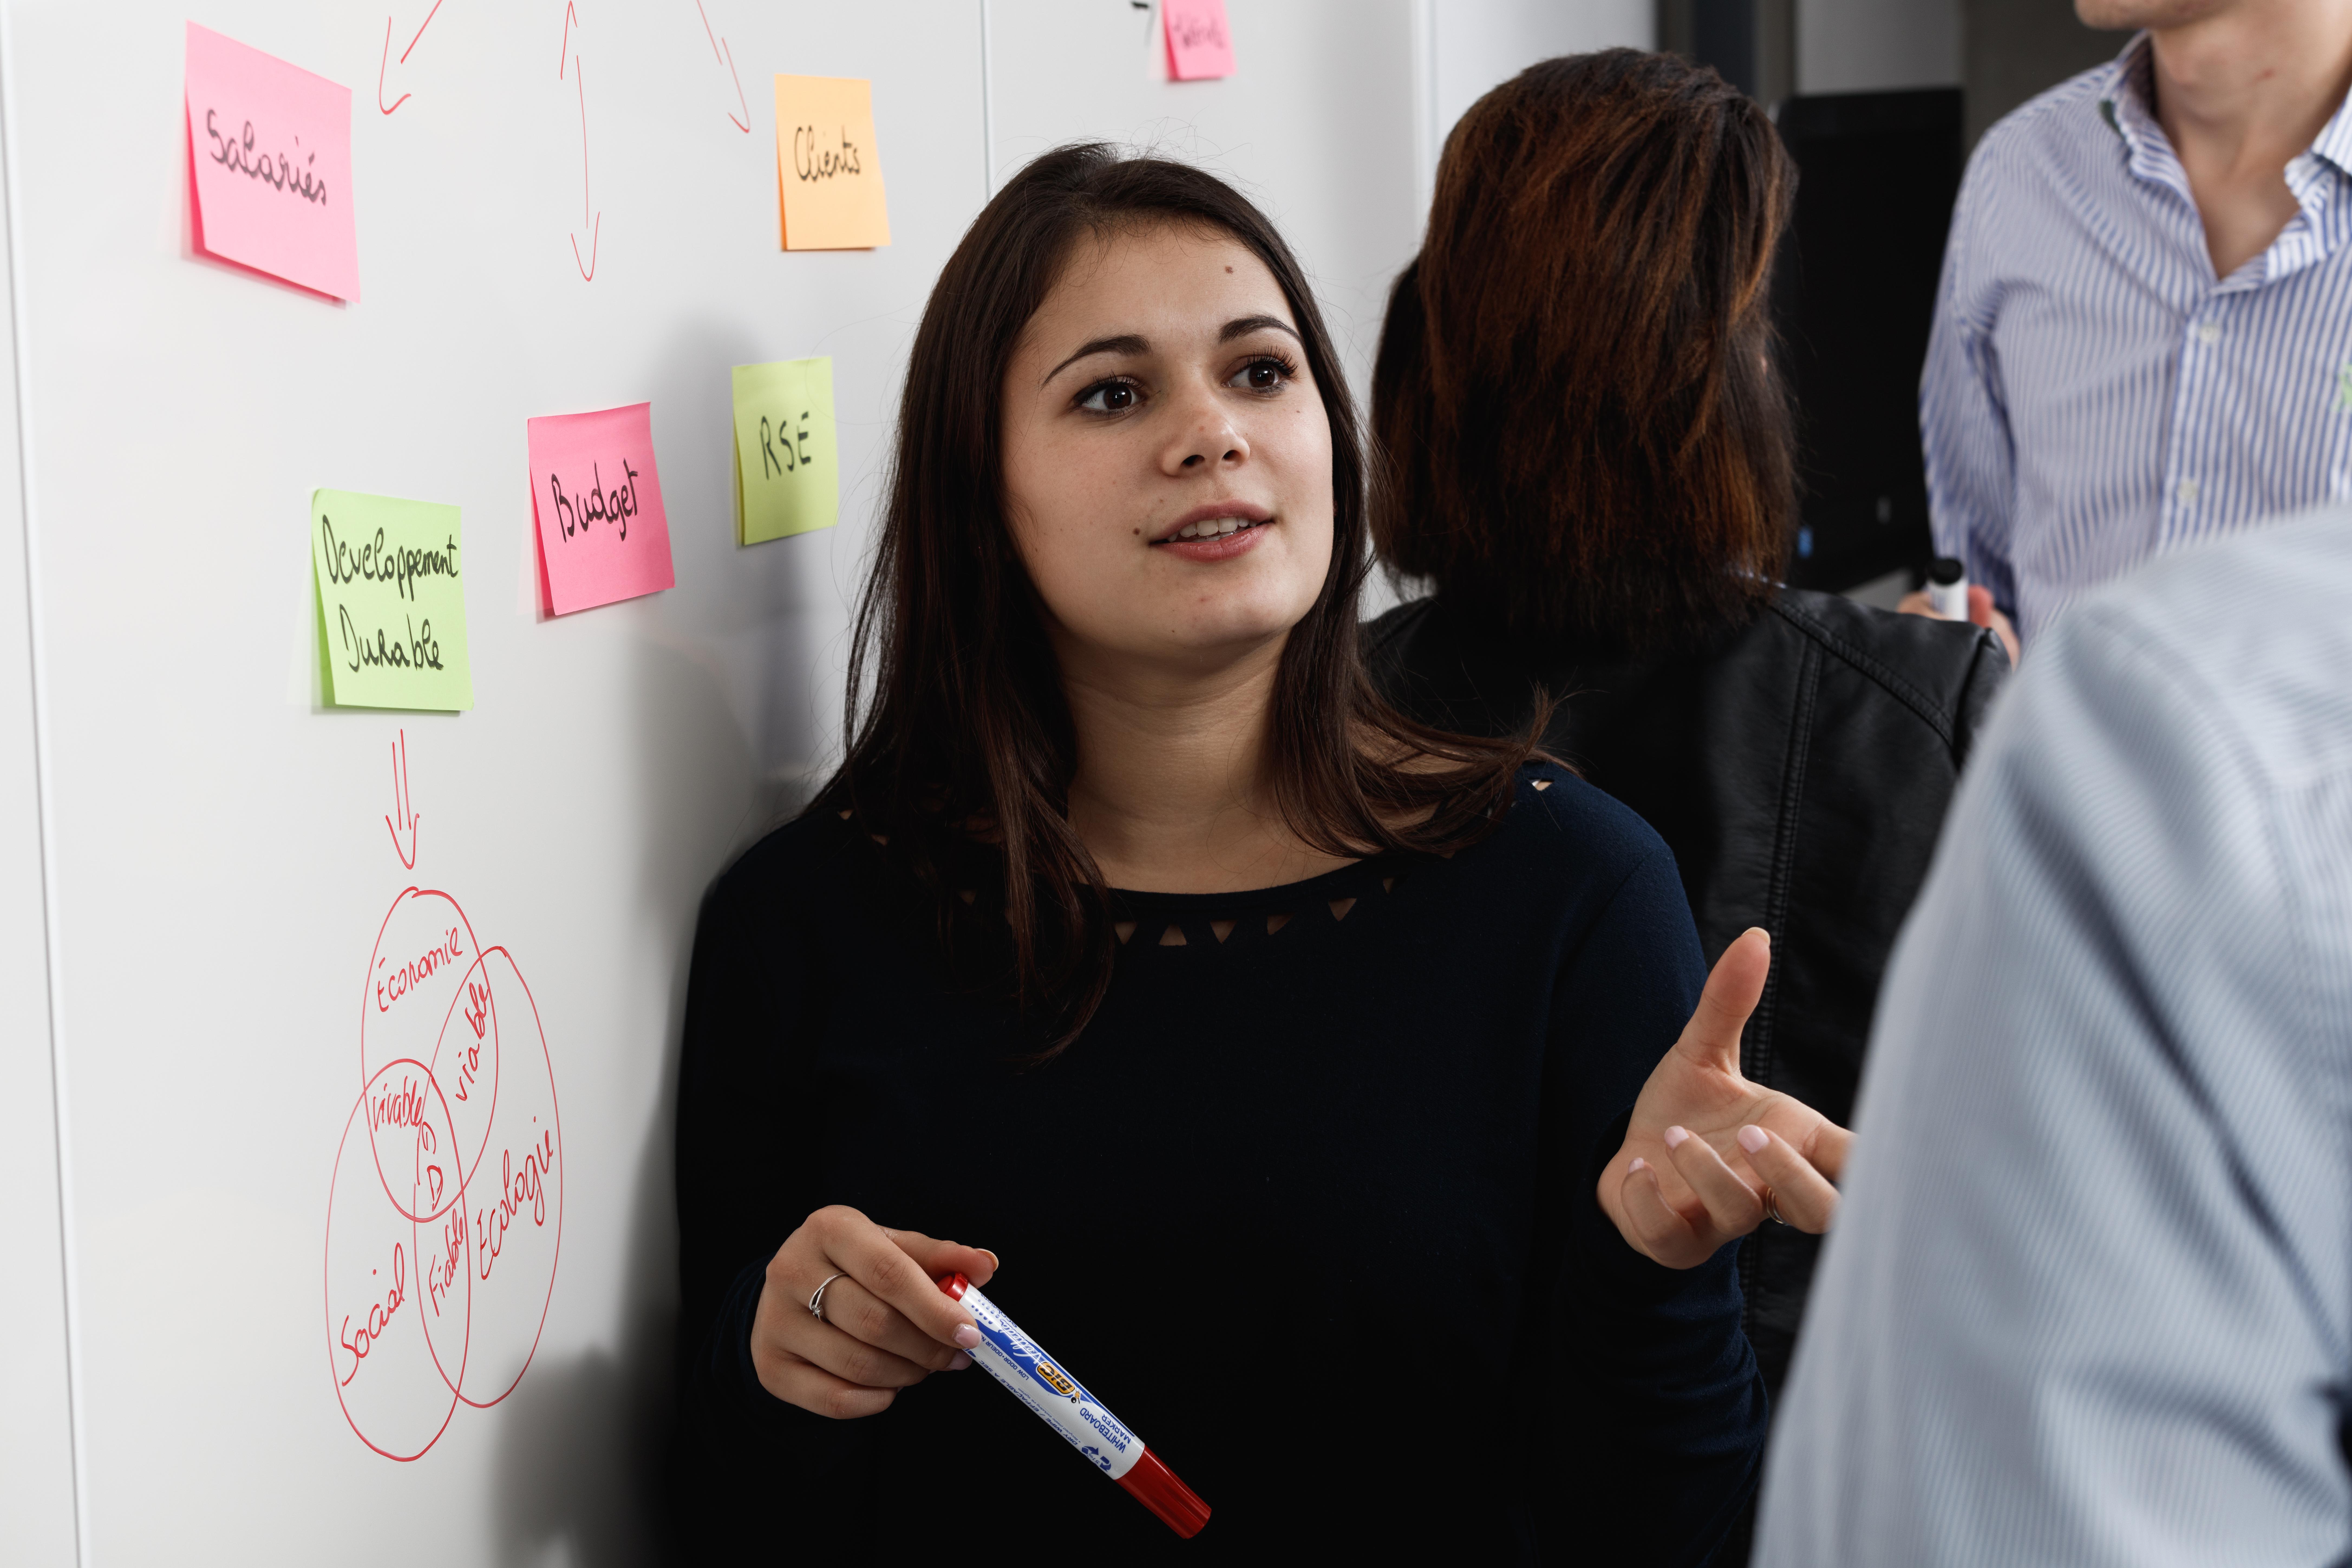 Formation des cadres : comment l'innovation pédagogique influence le management des entreprises